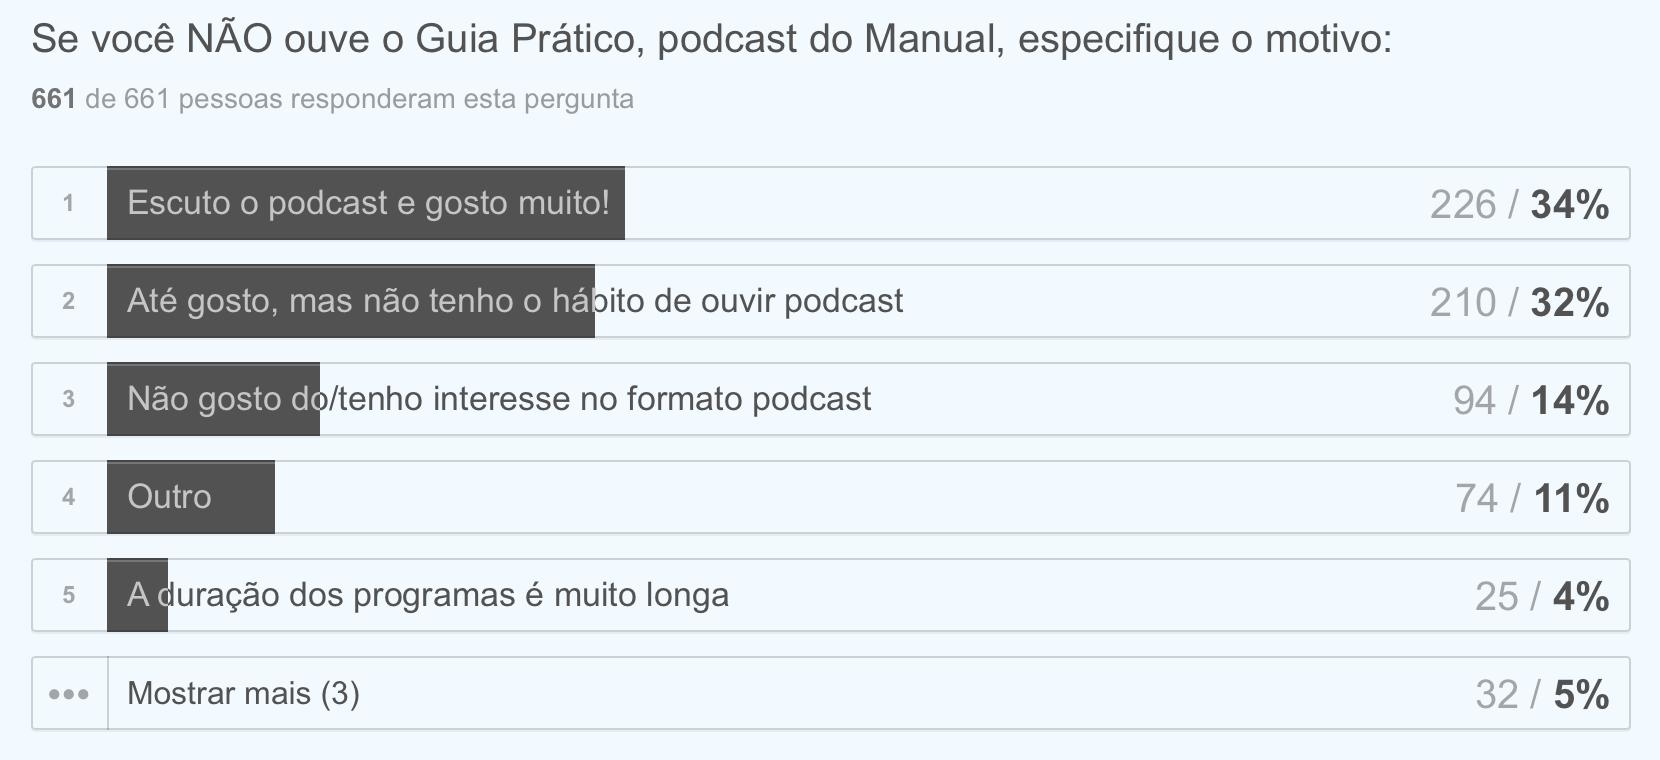 Pergunta sobre o que desmotiva o leitor a ouvir o nosso podcast.